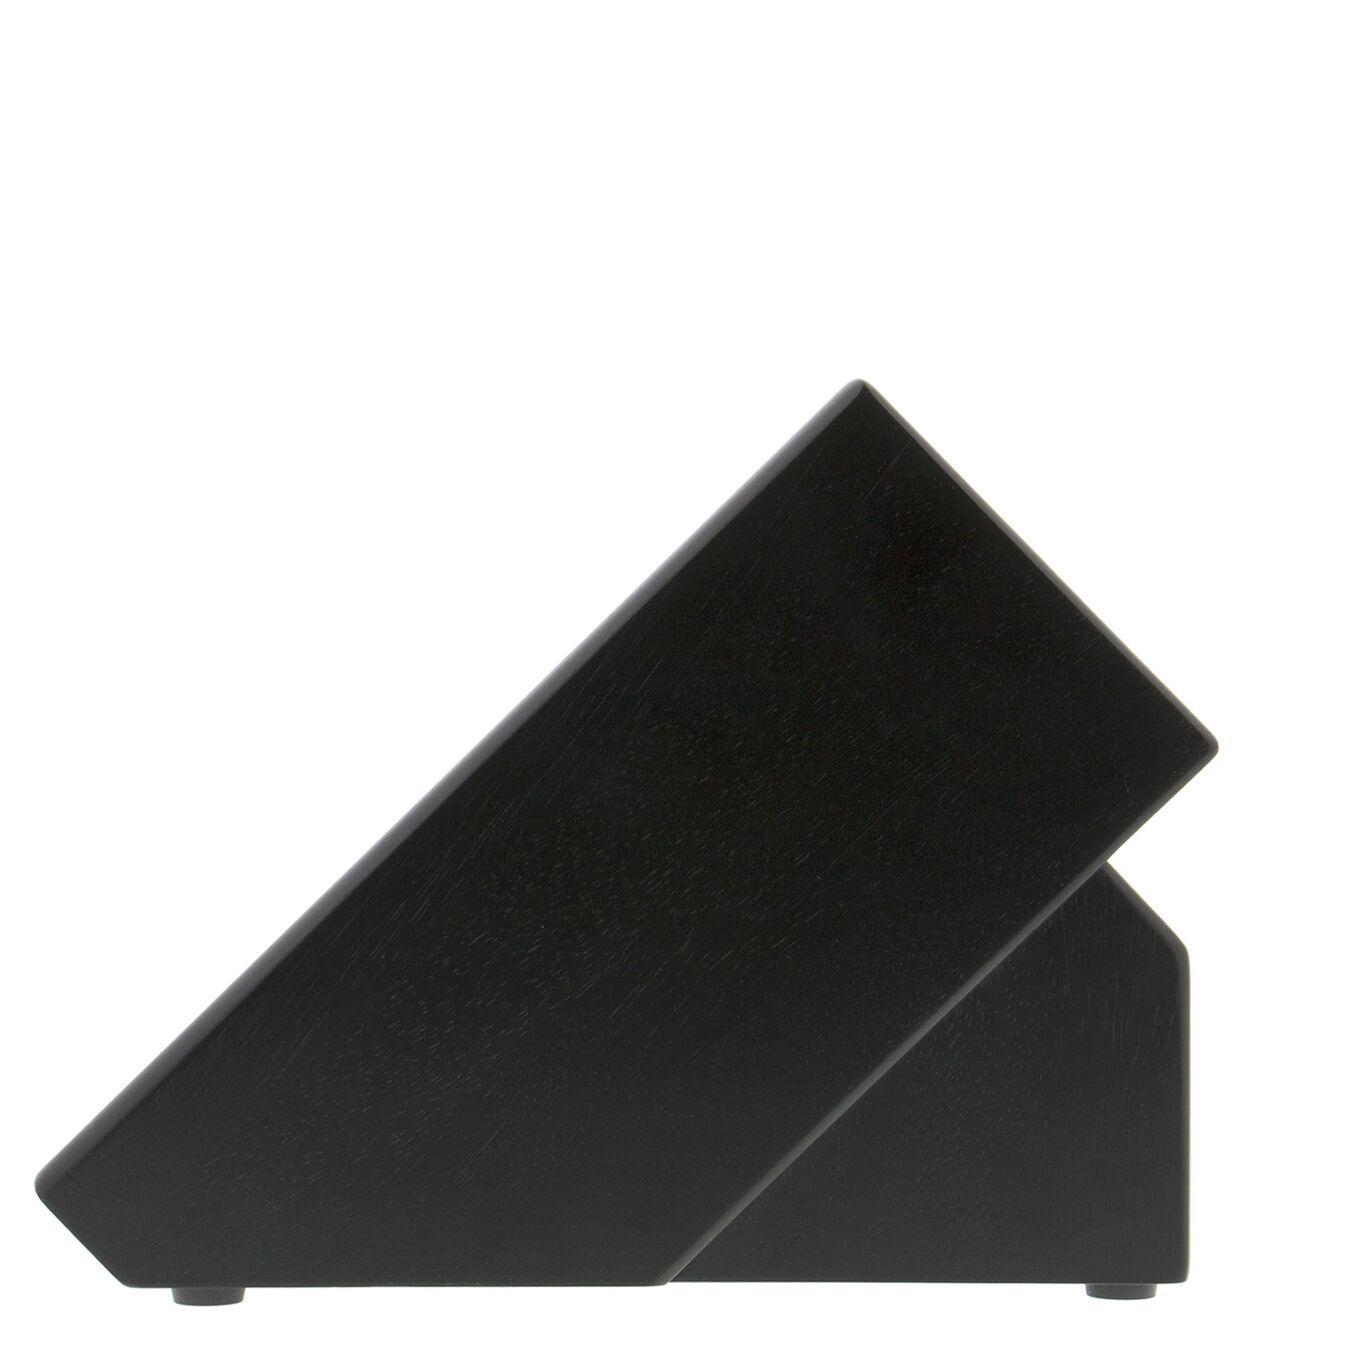 16, rubberwood, TWIN Black Knife block empty,,large 5